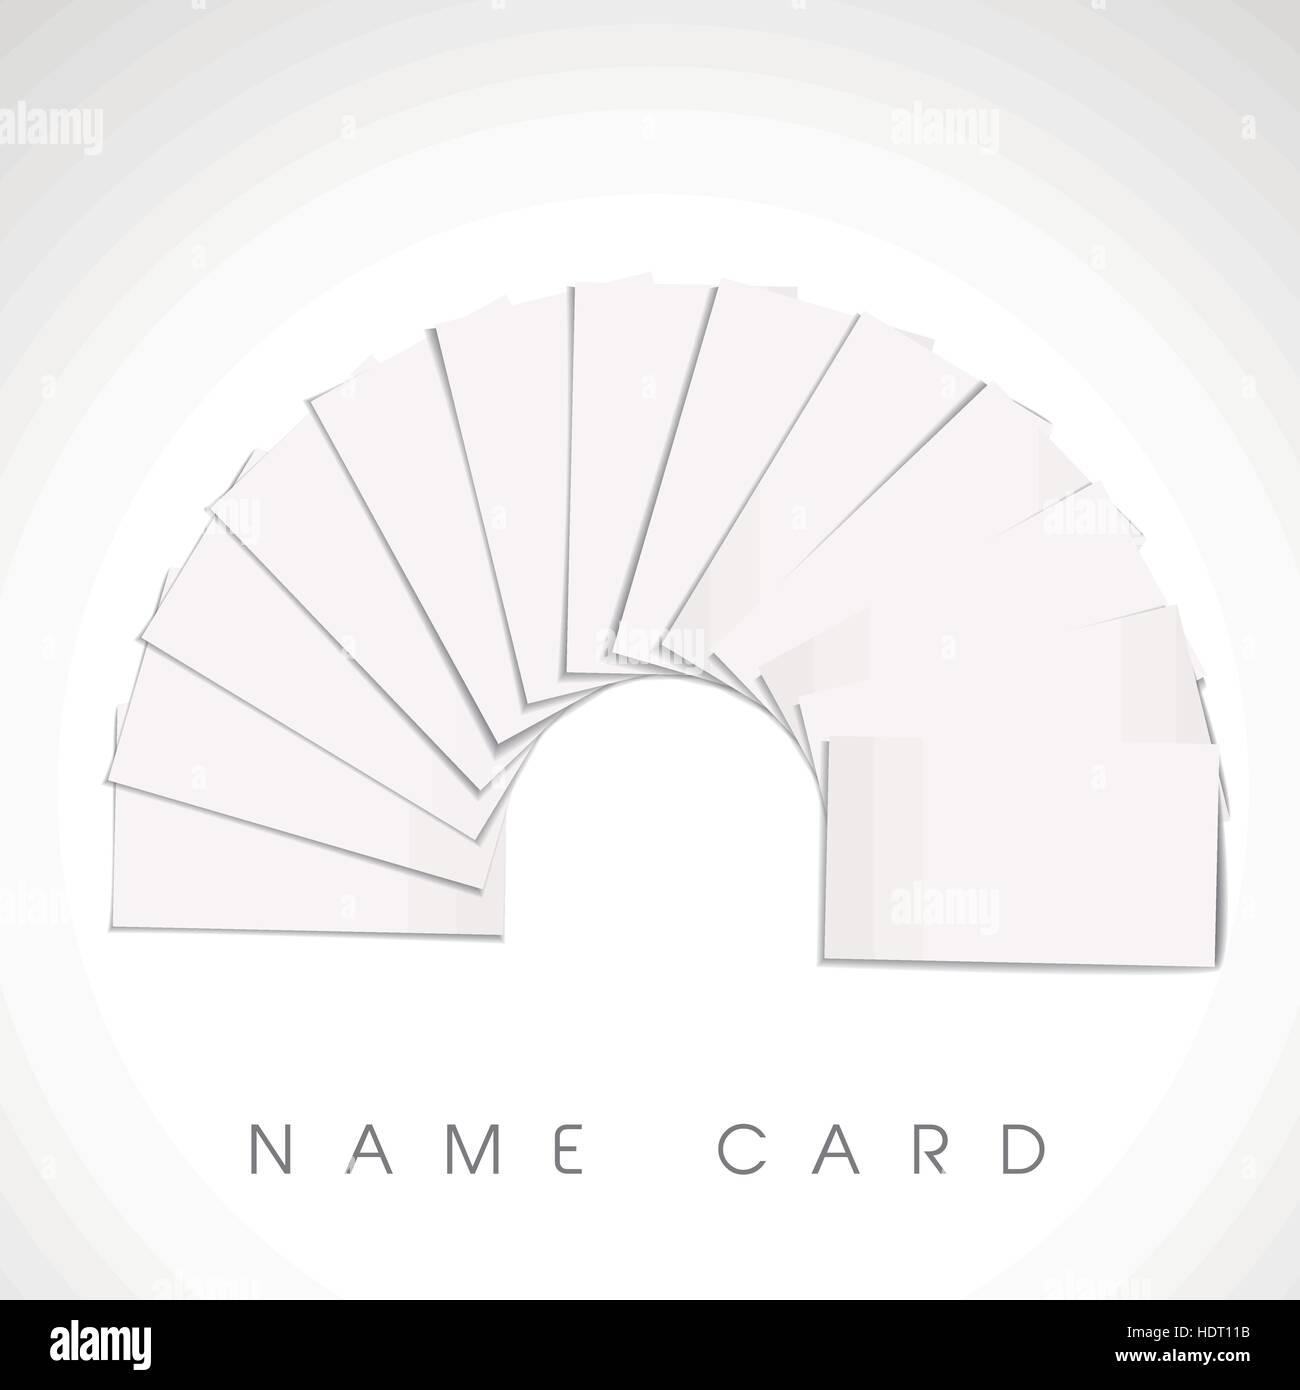 Berühmt Leere Karten Vorlage Ideen - Beispielzusammenfassung Ideen ...